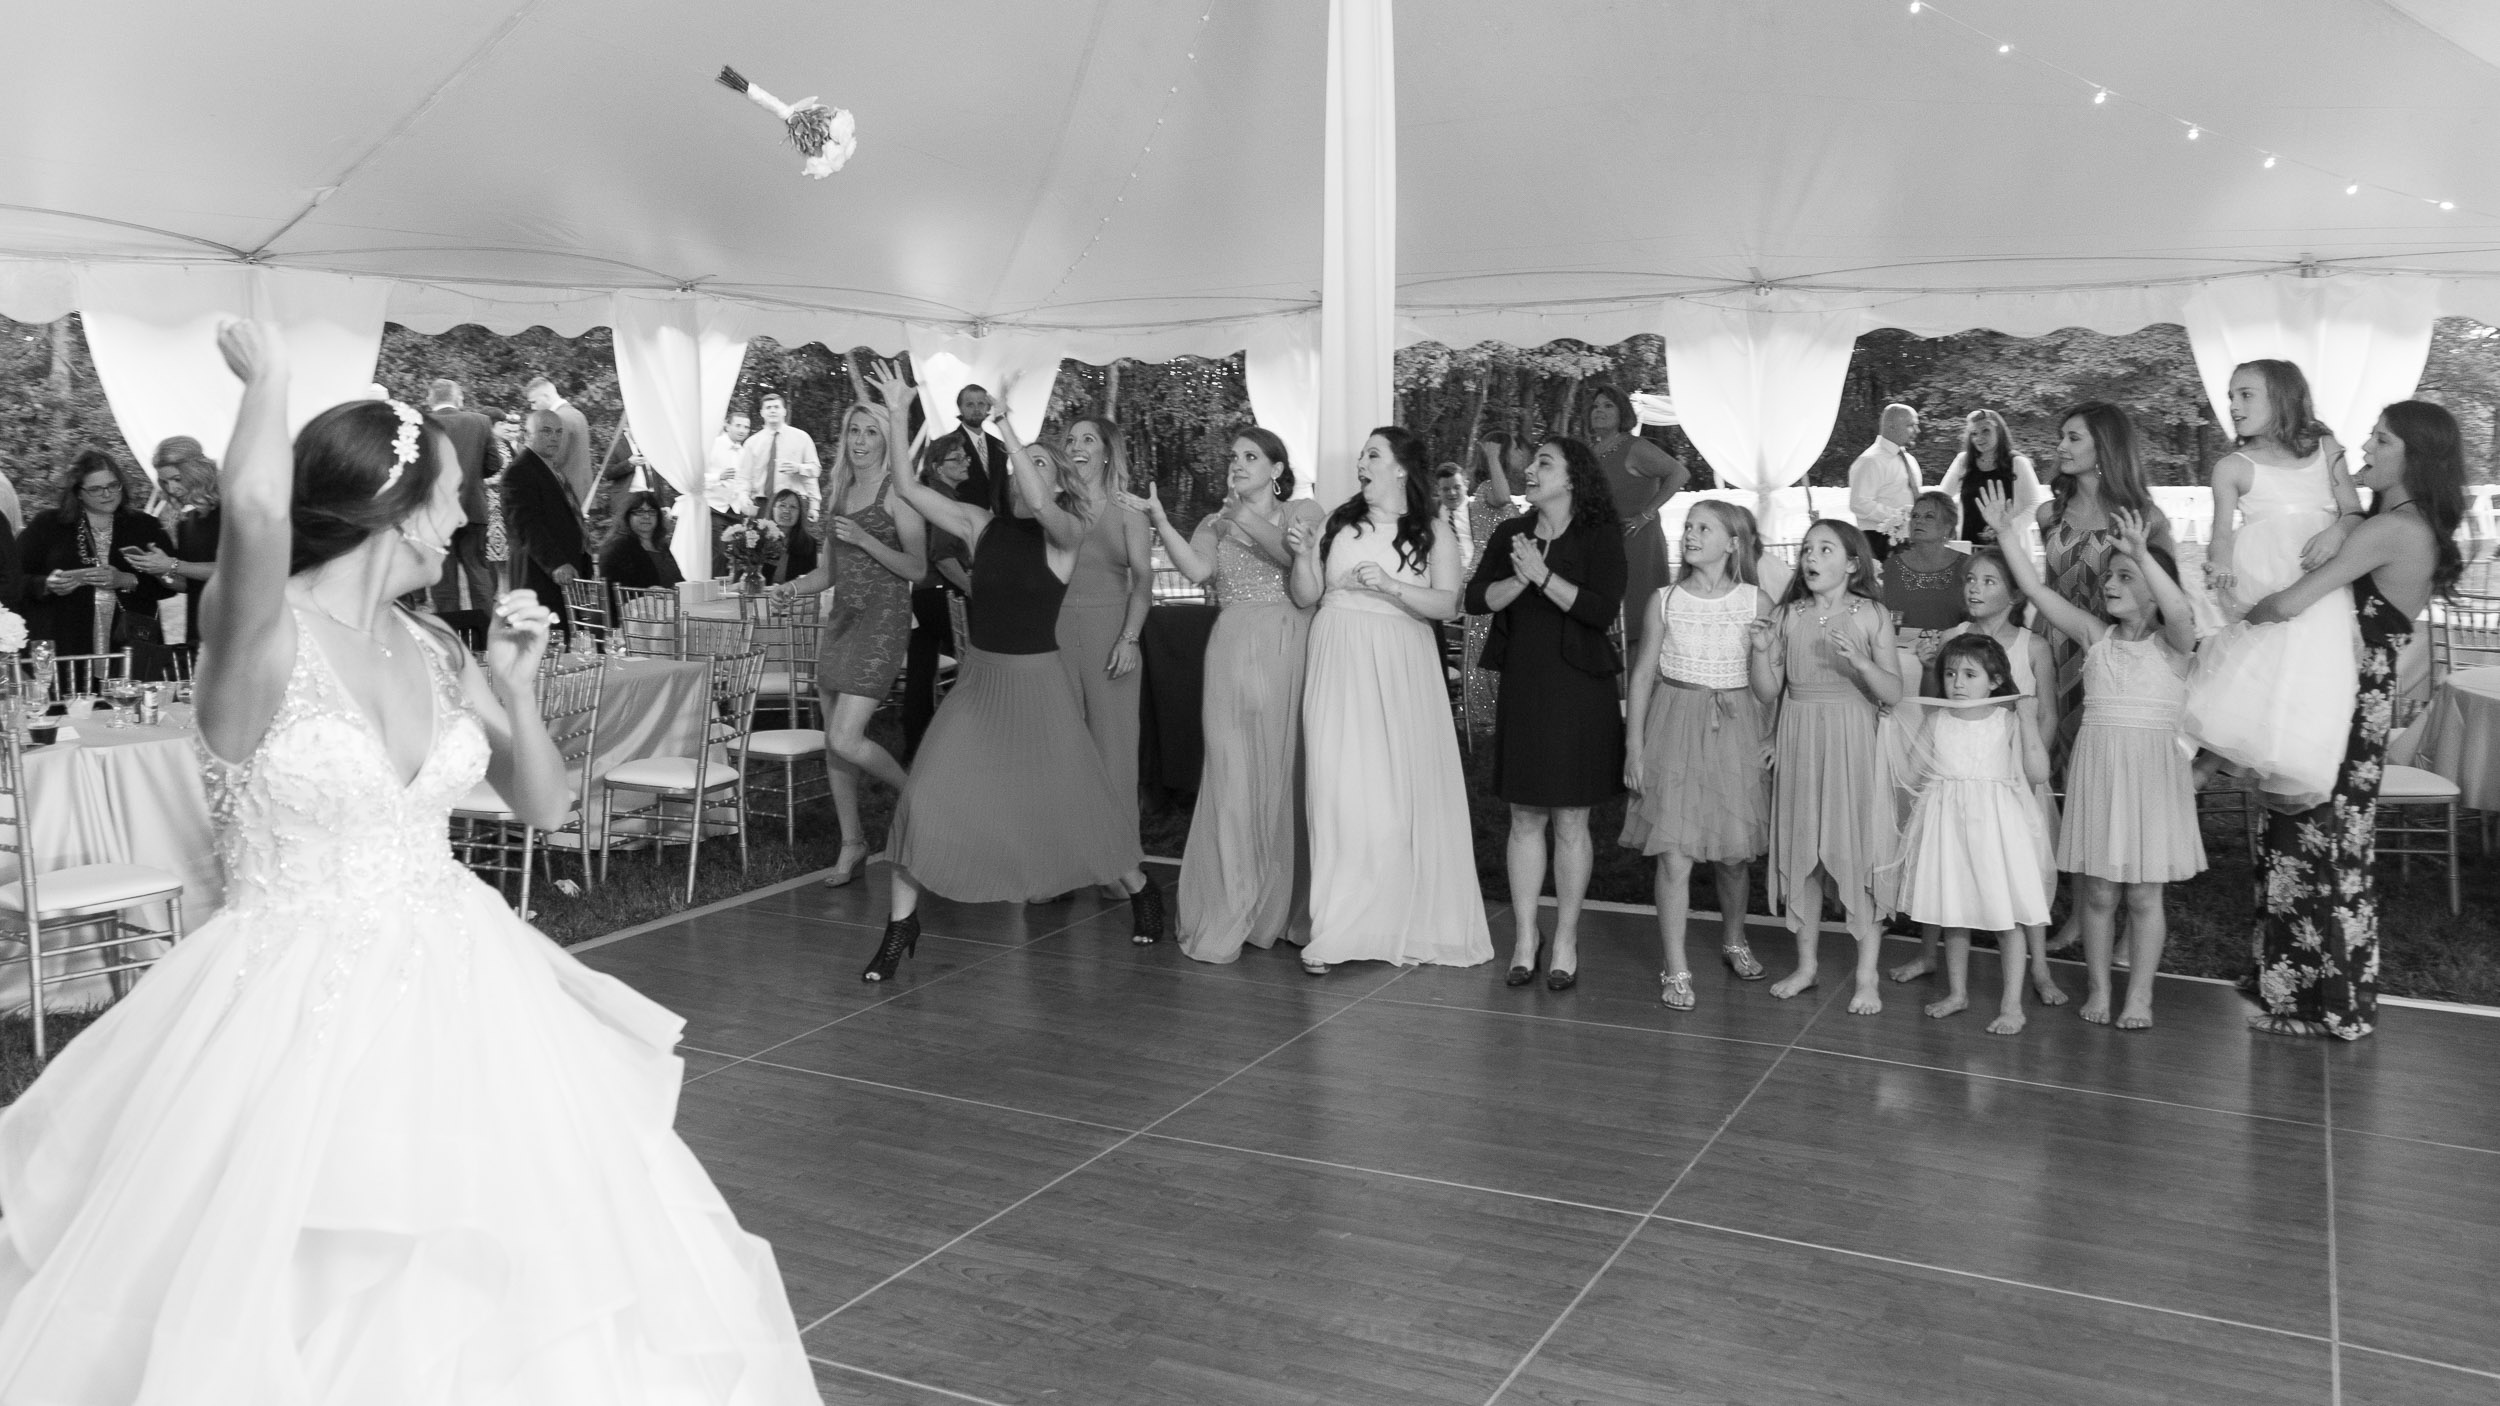 Wedding-reception-Bouquet-toss-2.jpg